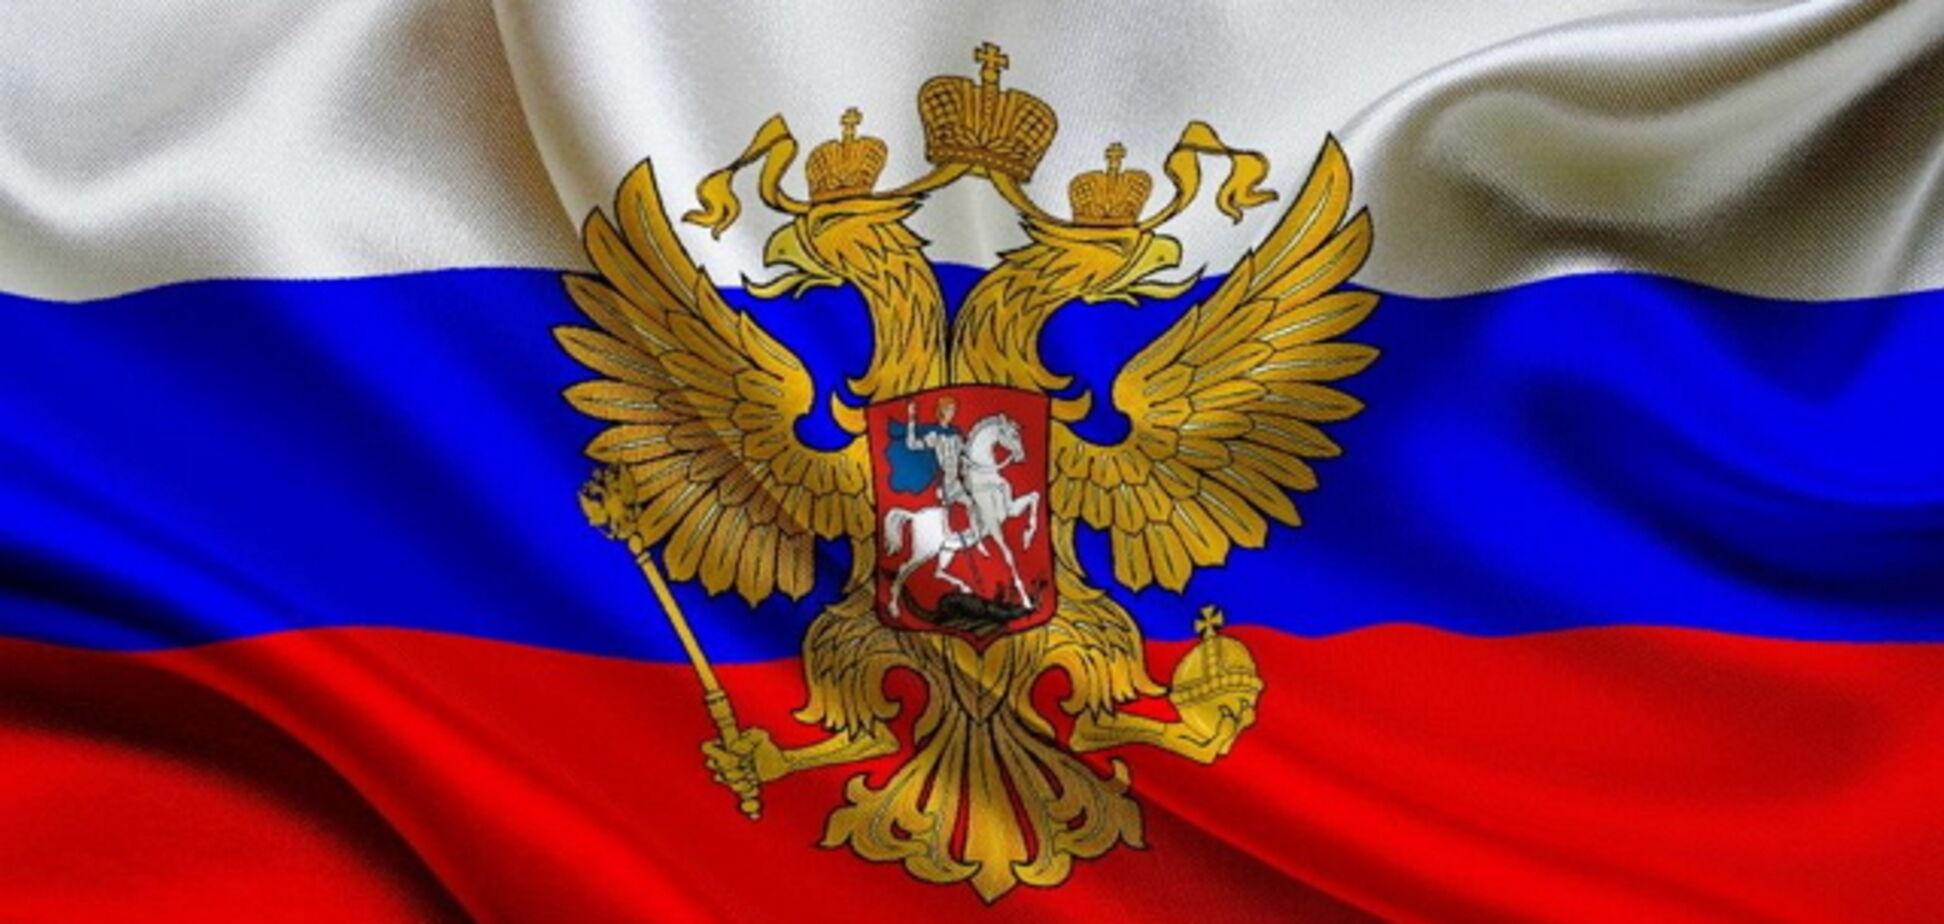 'Імперія атакує': з'явився прогноз по атаці Росії на нову країну